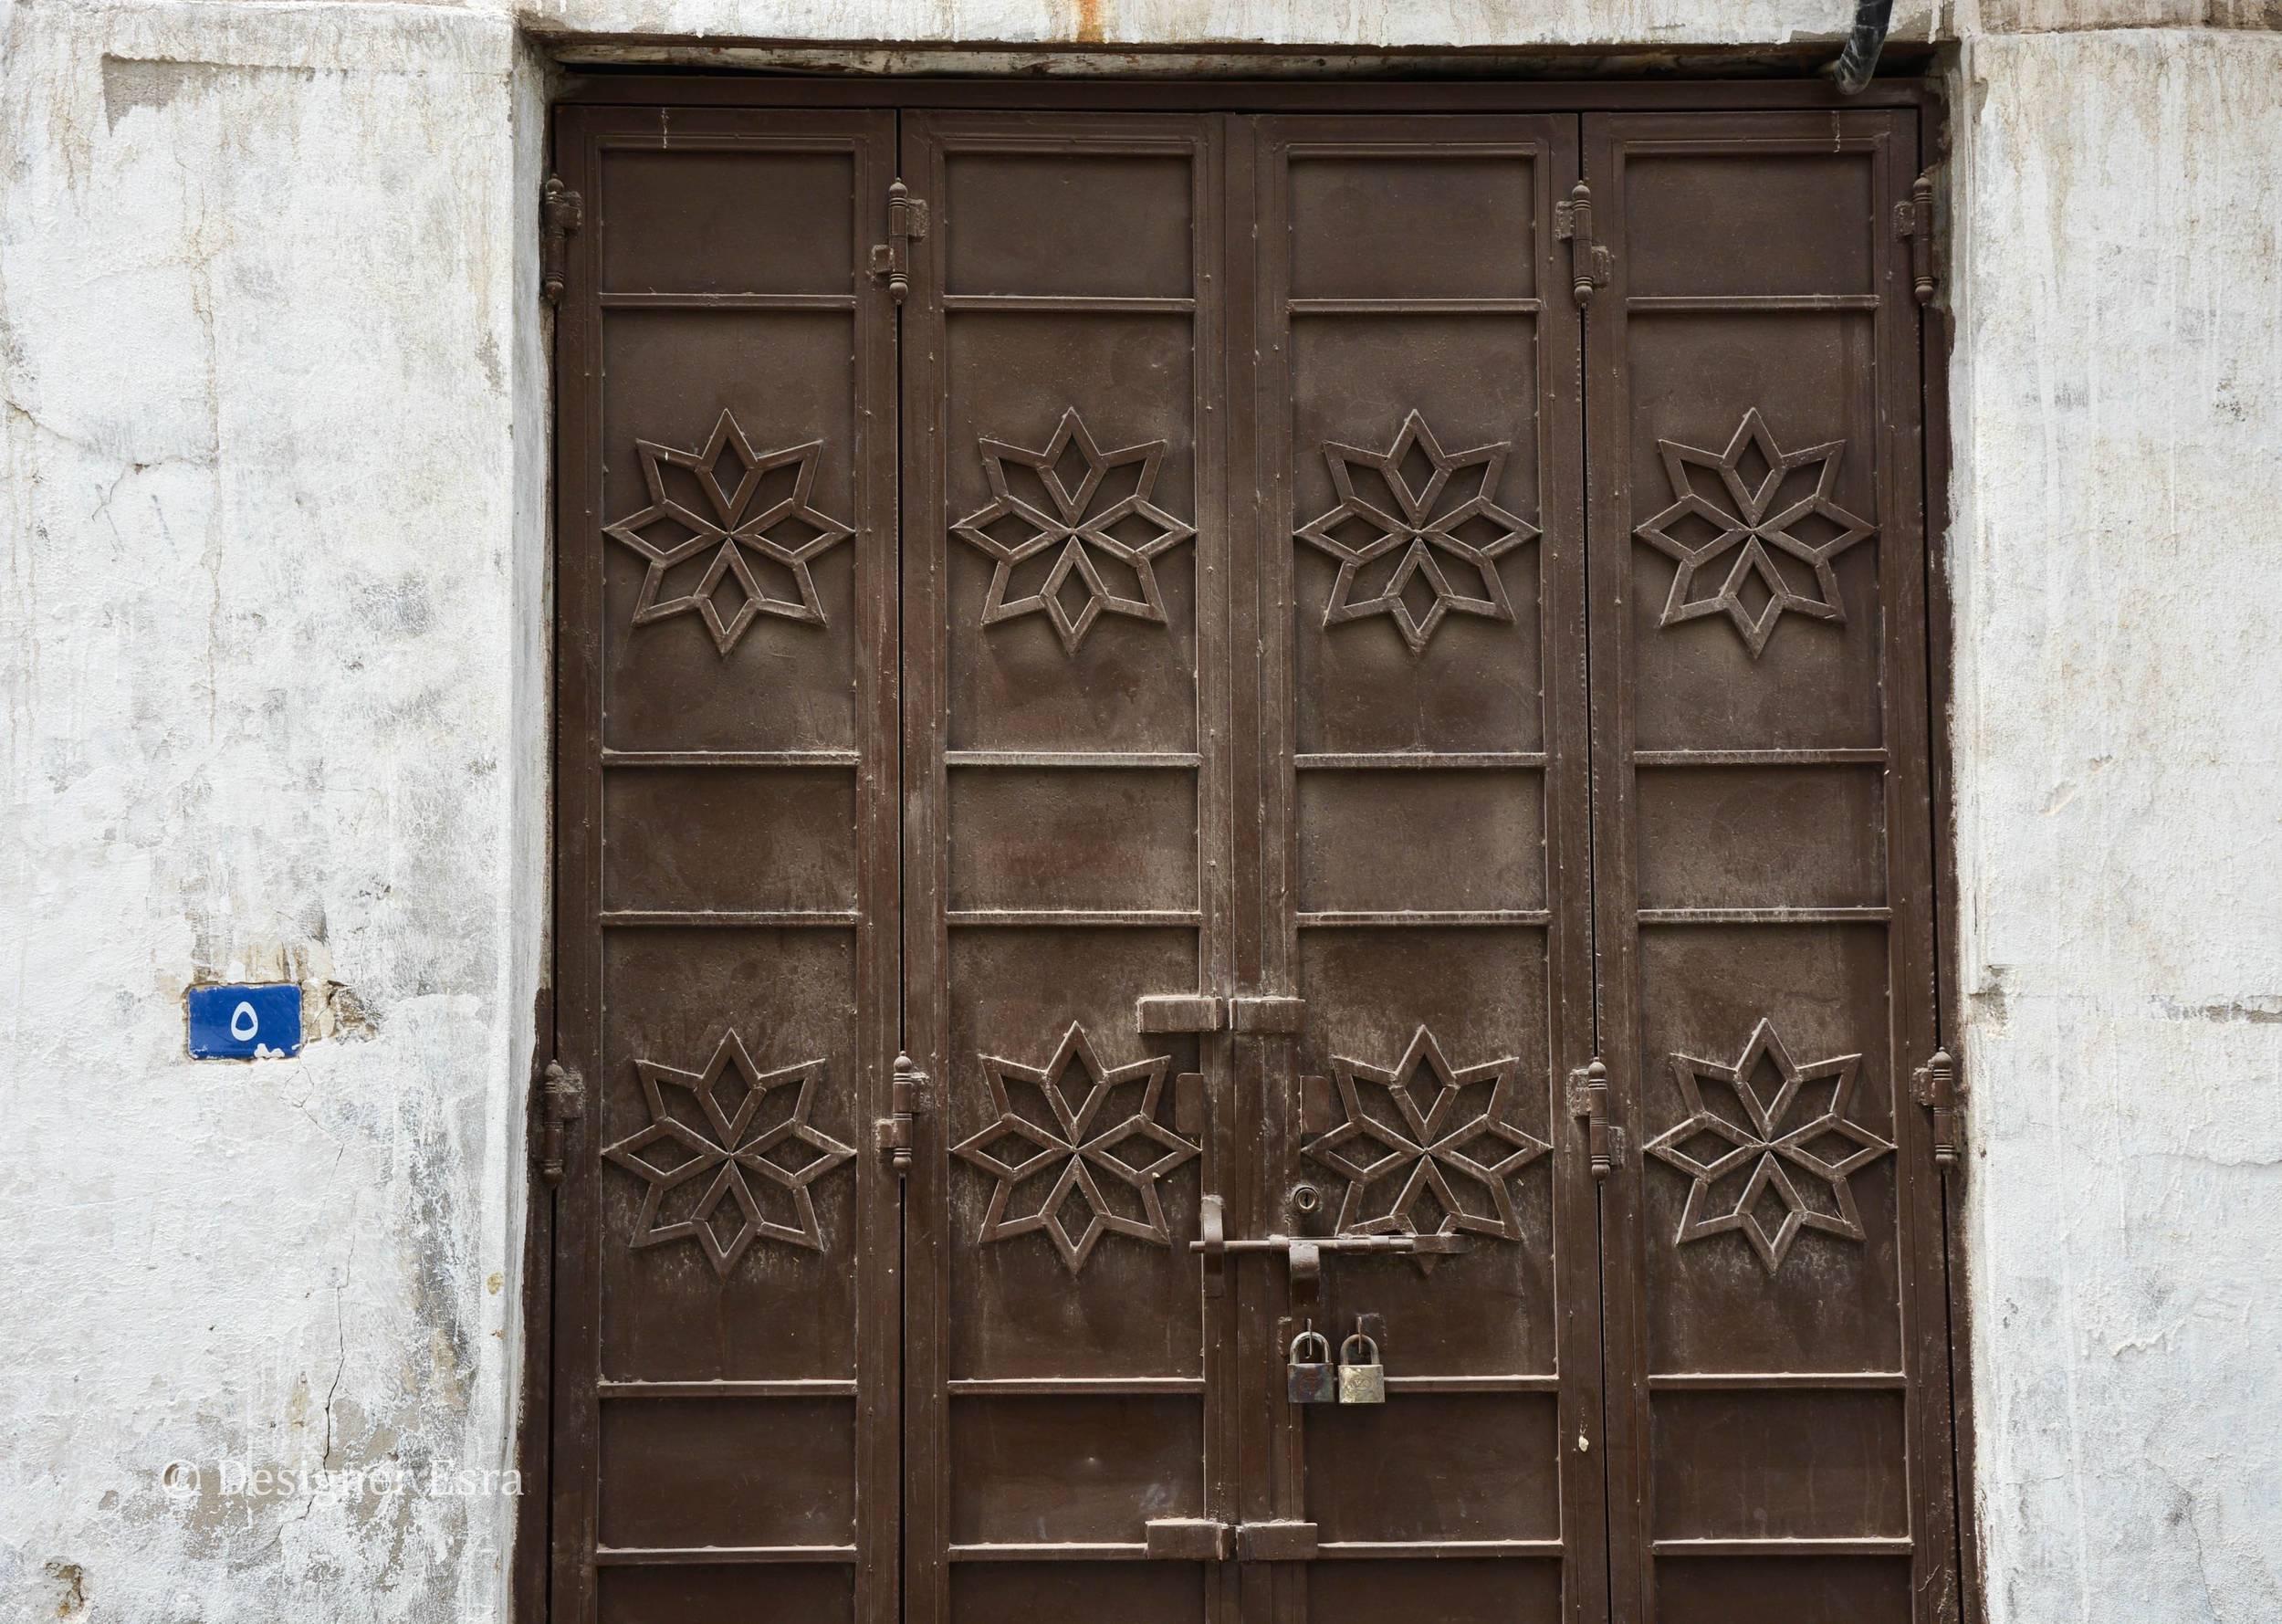 Metal Historic Door in Saudi